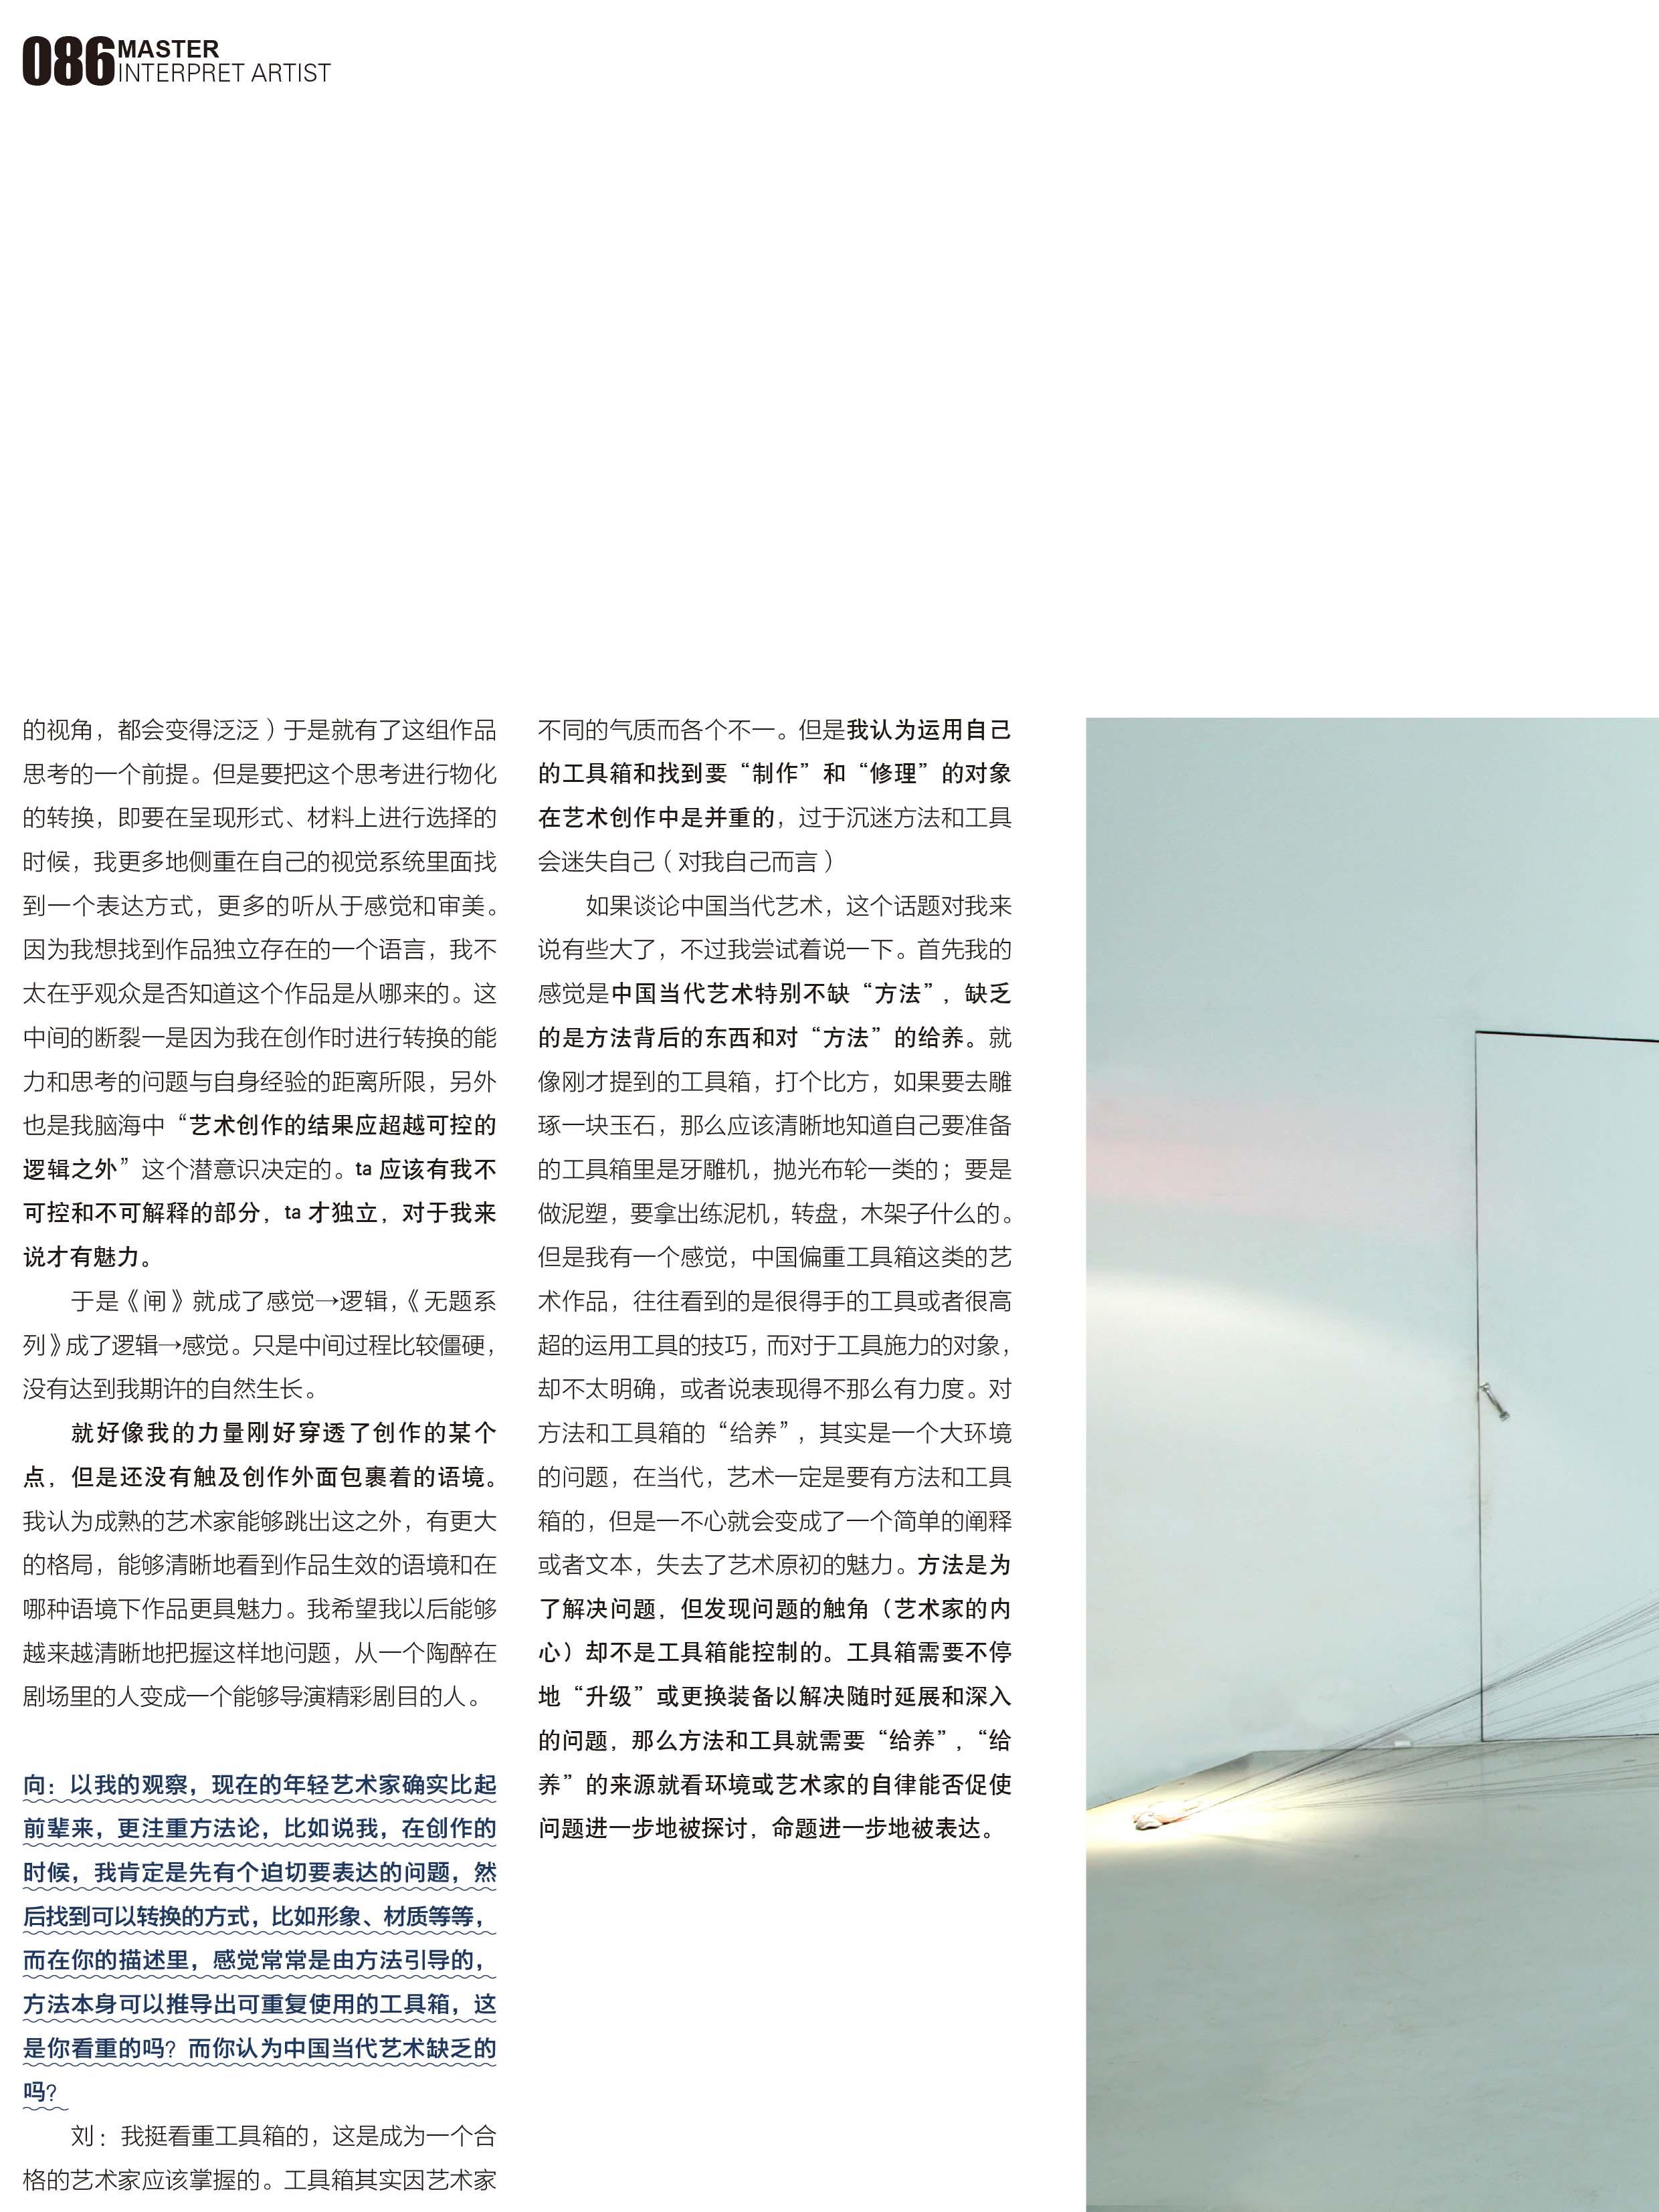 12月个案向京078-087(确定)-9.jpg